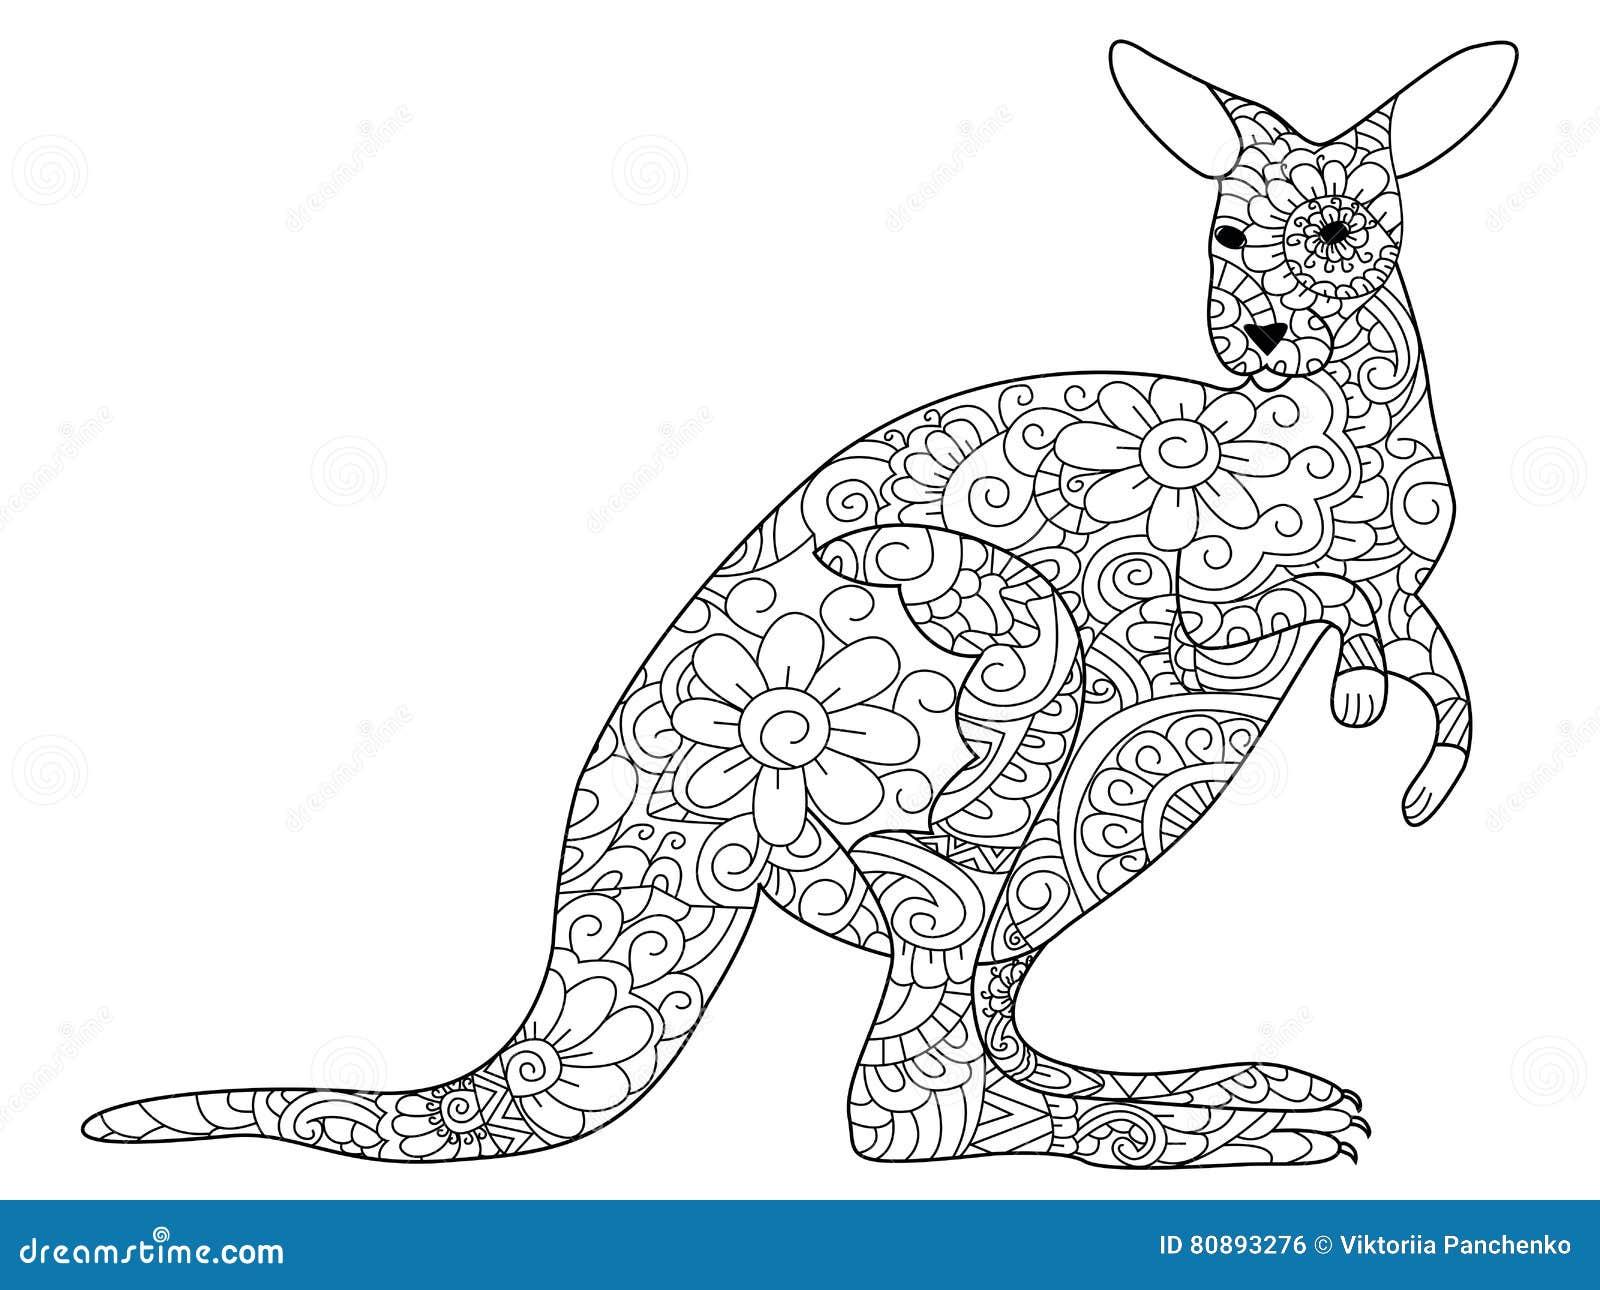 Coloriage Kangourou.Vecteur De Livre De Coloriage De Kangourou Pour Des Adultes